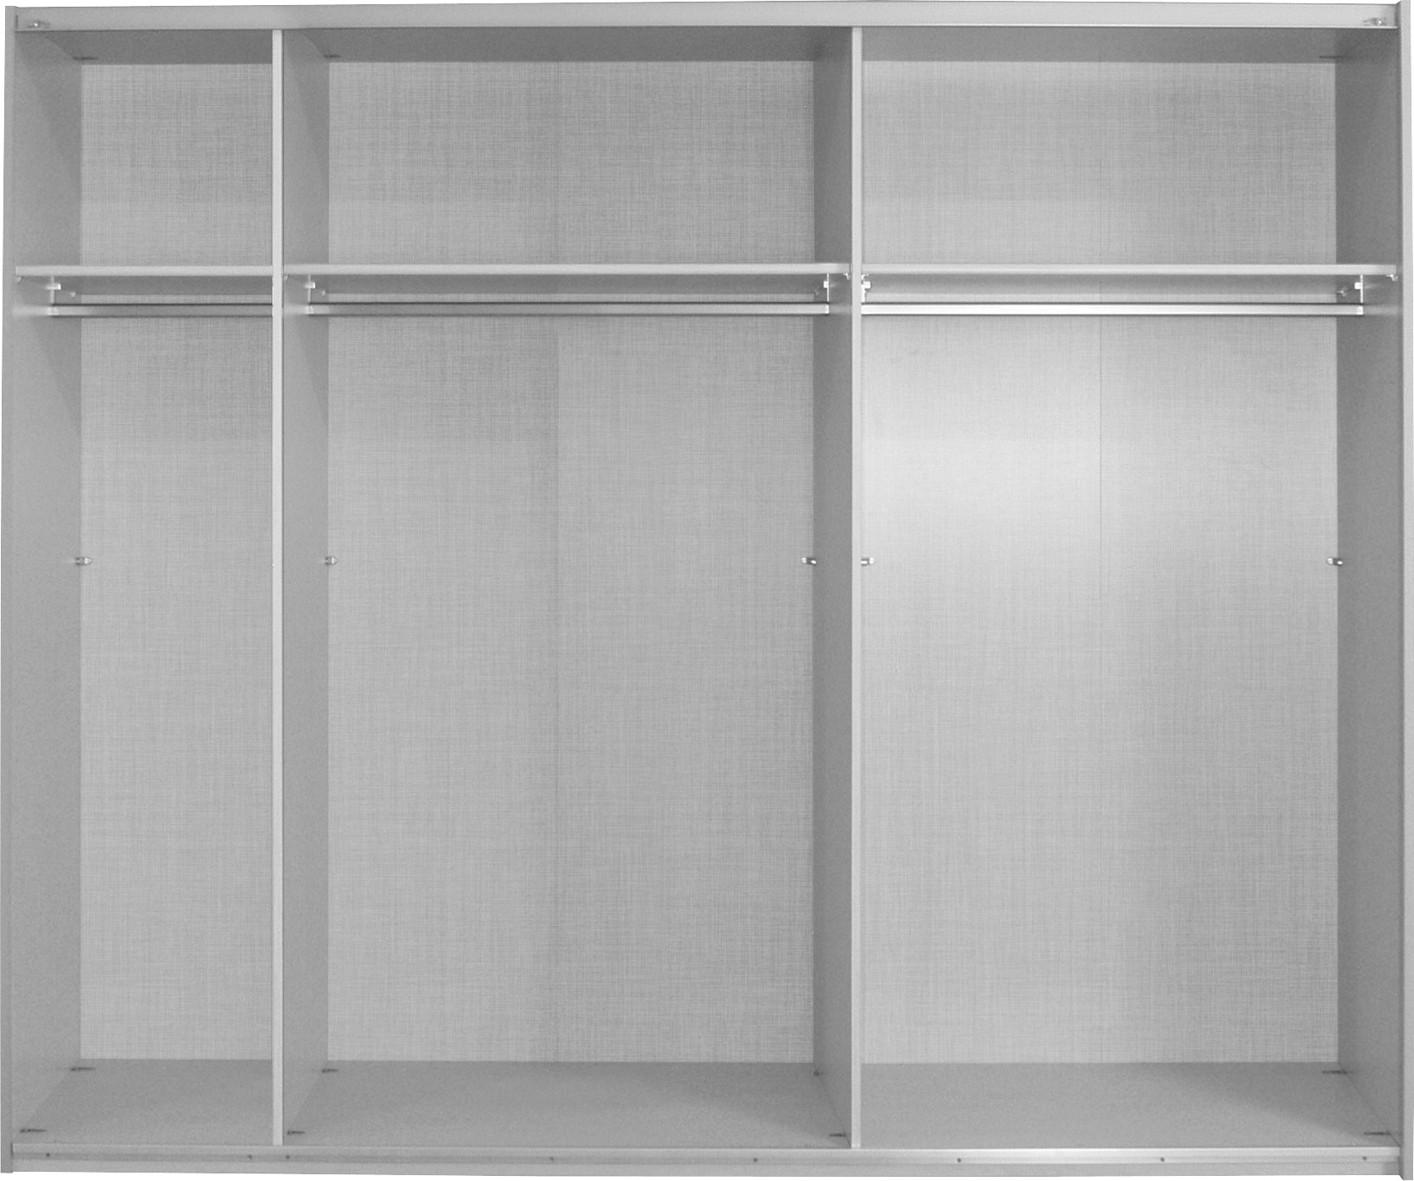 schwebeturenschrank design, express möbel schwebetürenschrank cargo im container design,150 cm, Design ideen